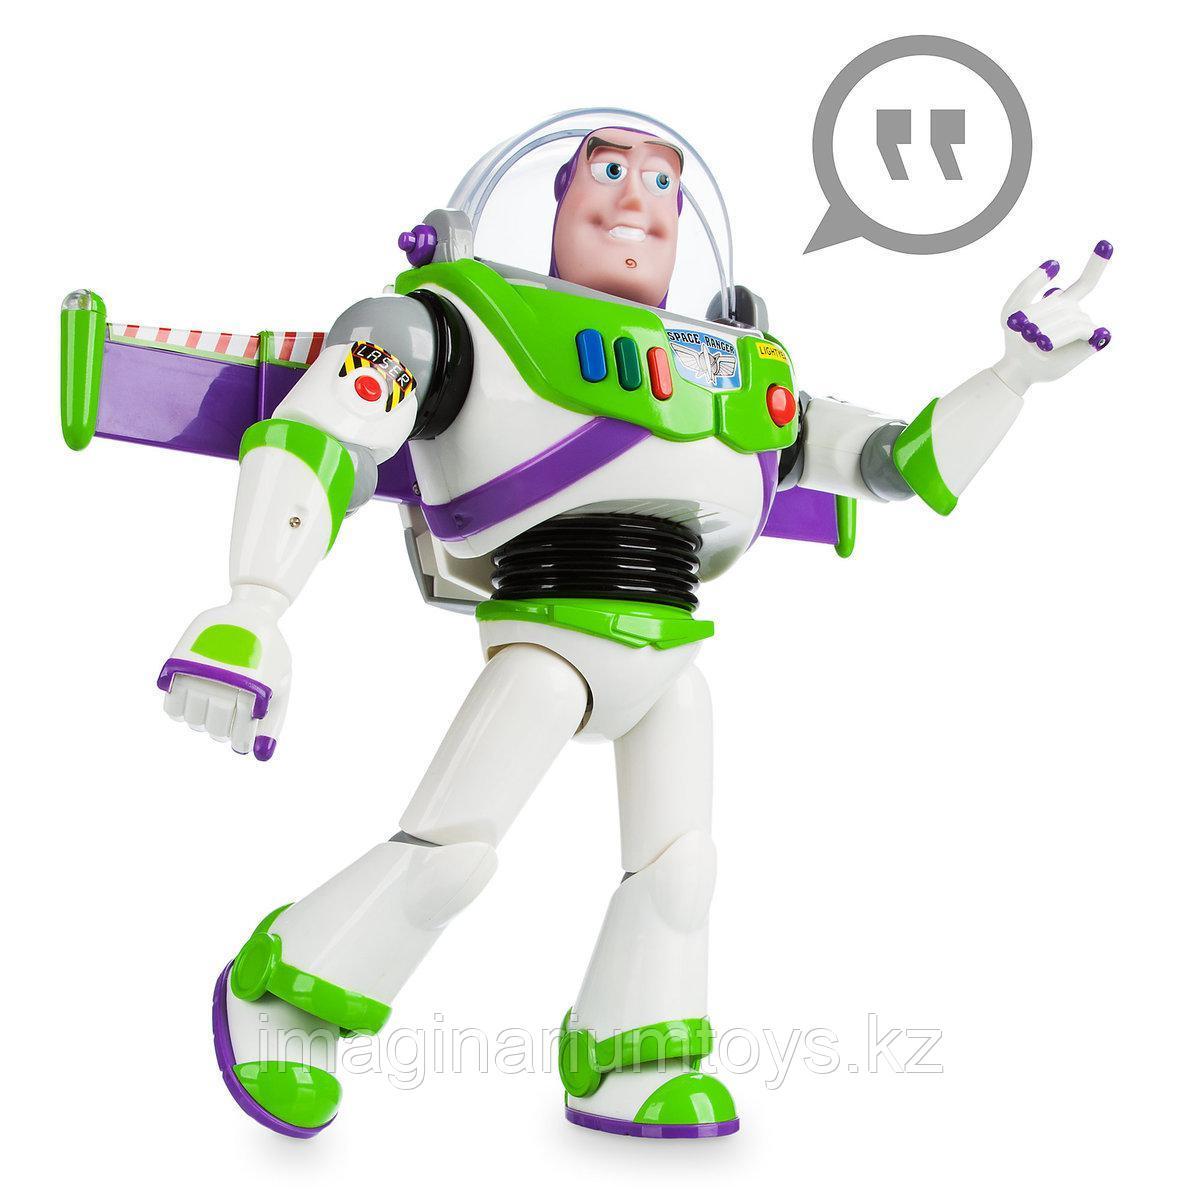 Интерактивная игрушка Баз Лайтер из м/ф «История игрушек» 37 см